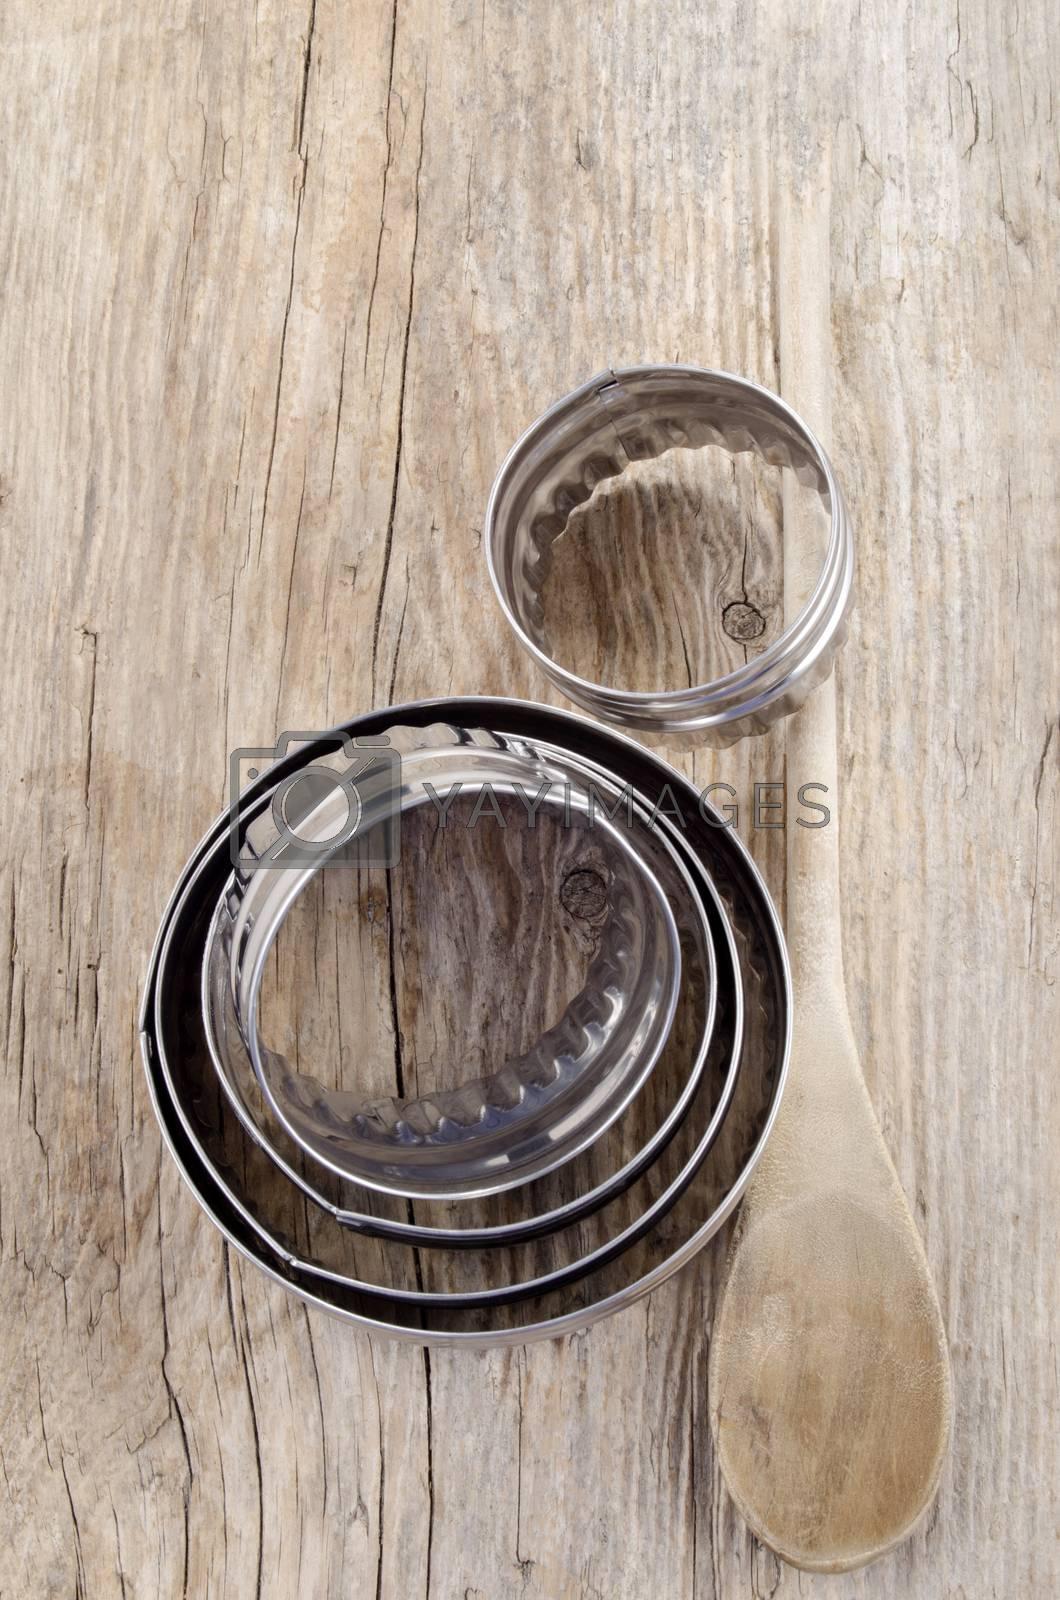 Royalty free image of used baking utensils on wood by Szakaly